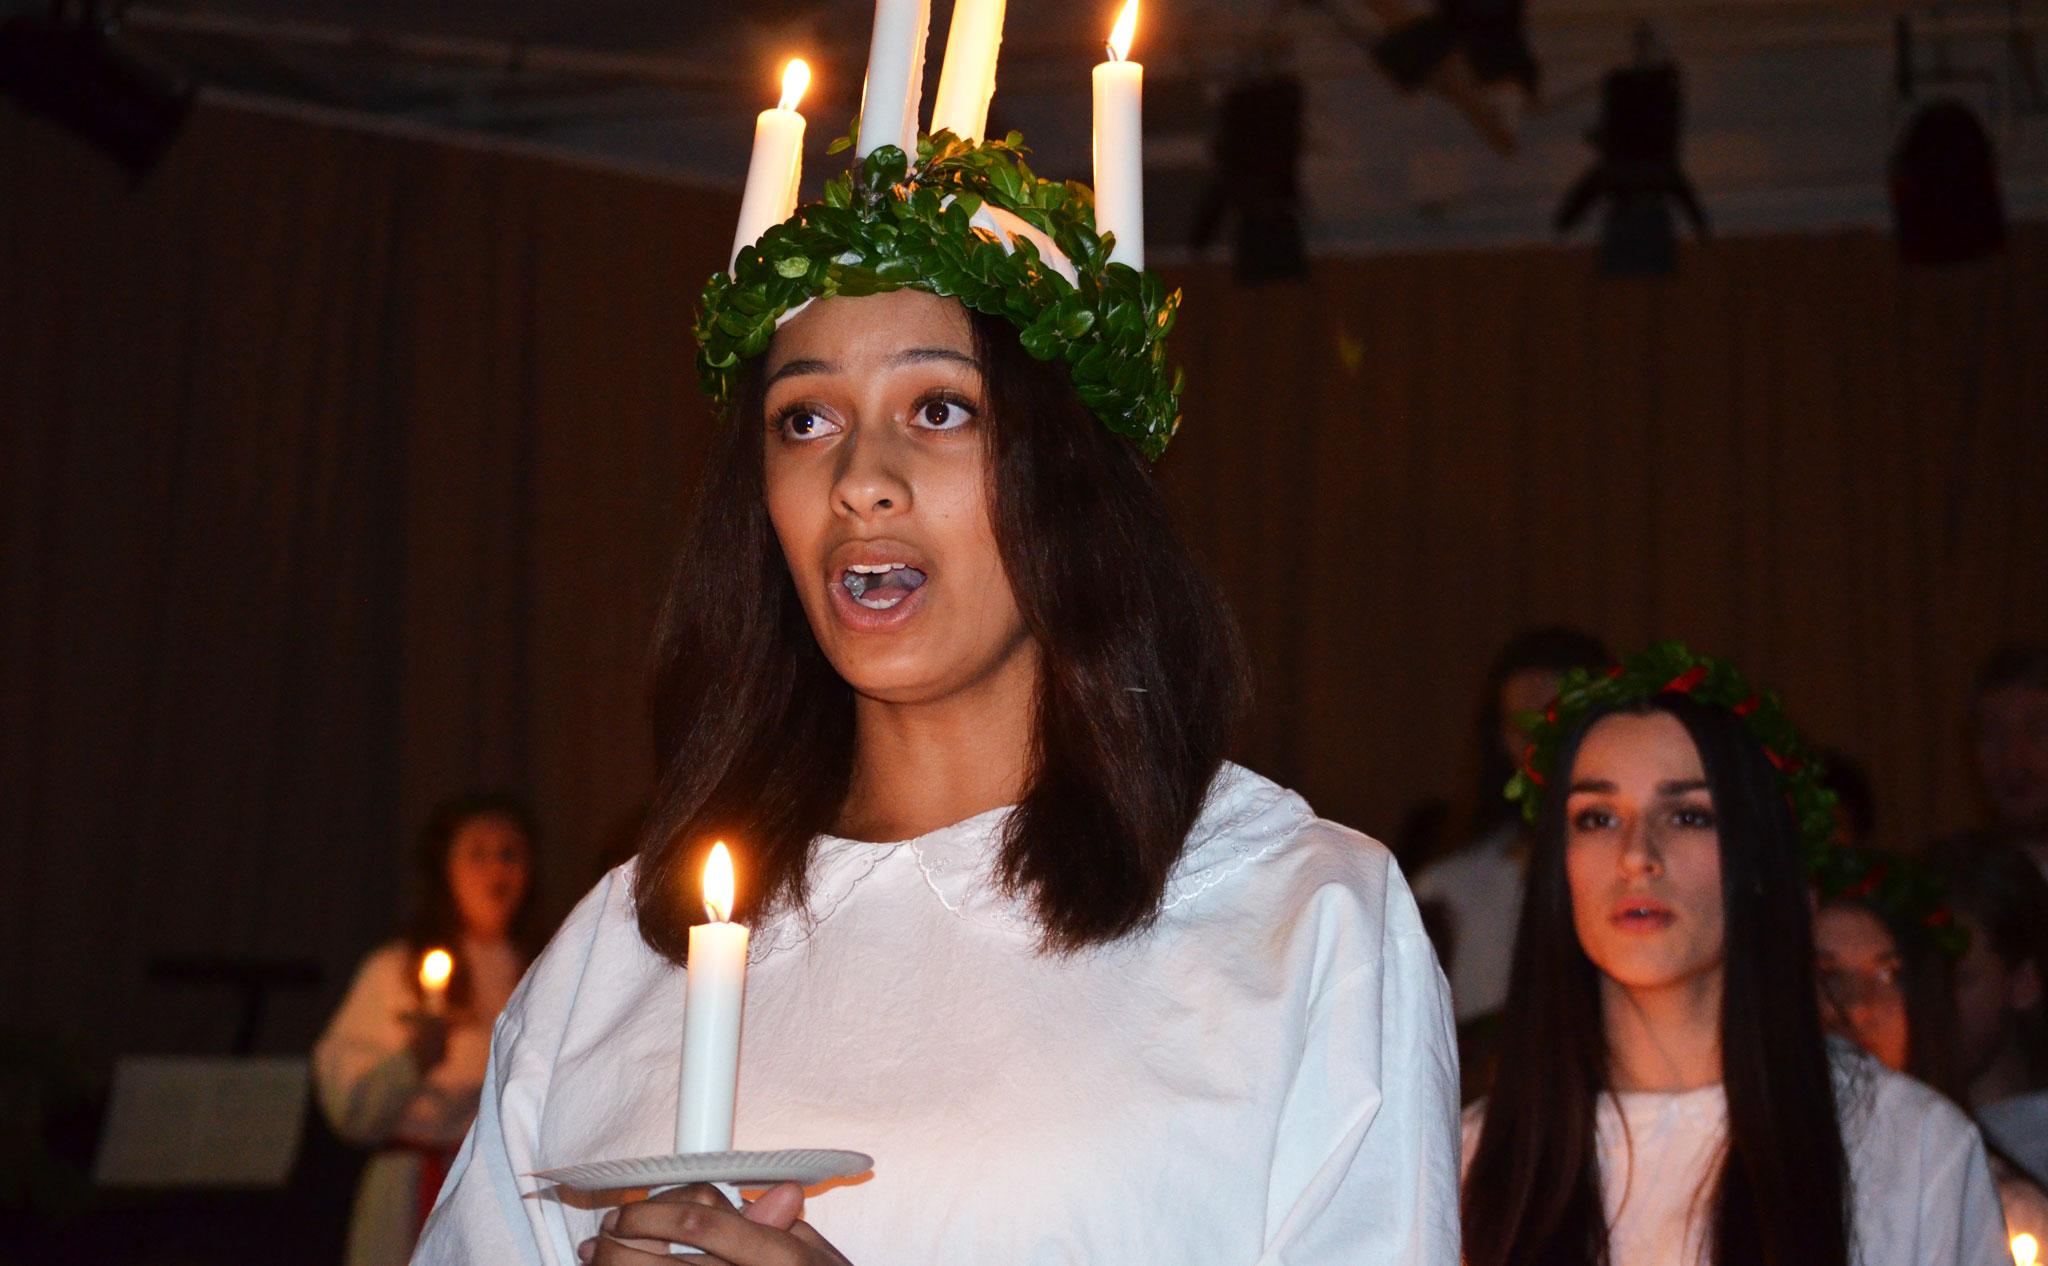 Anhörigkonsert 14/12 2013 - 2